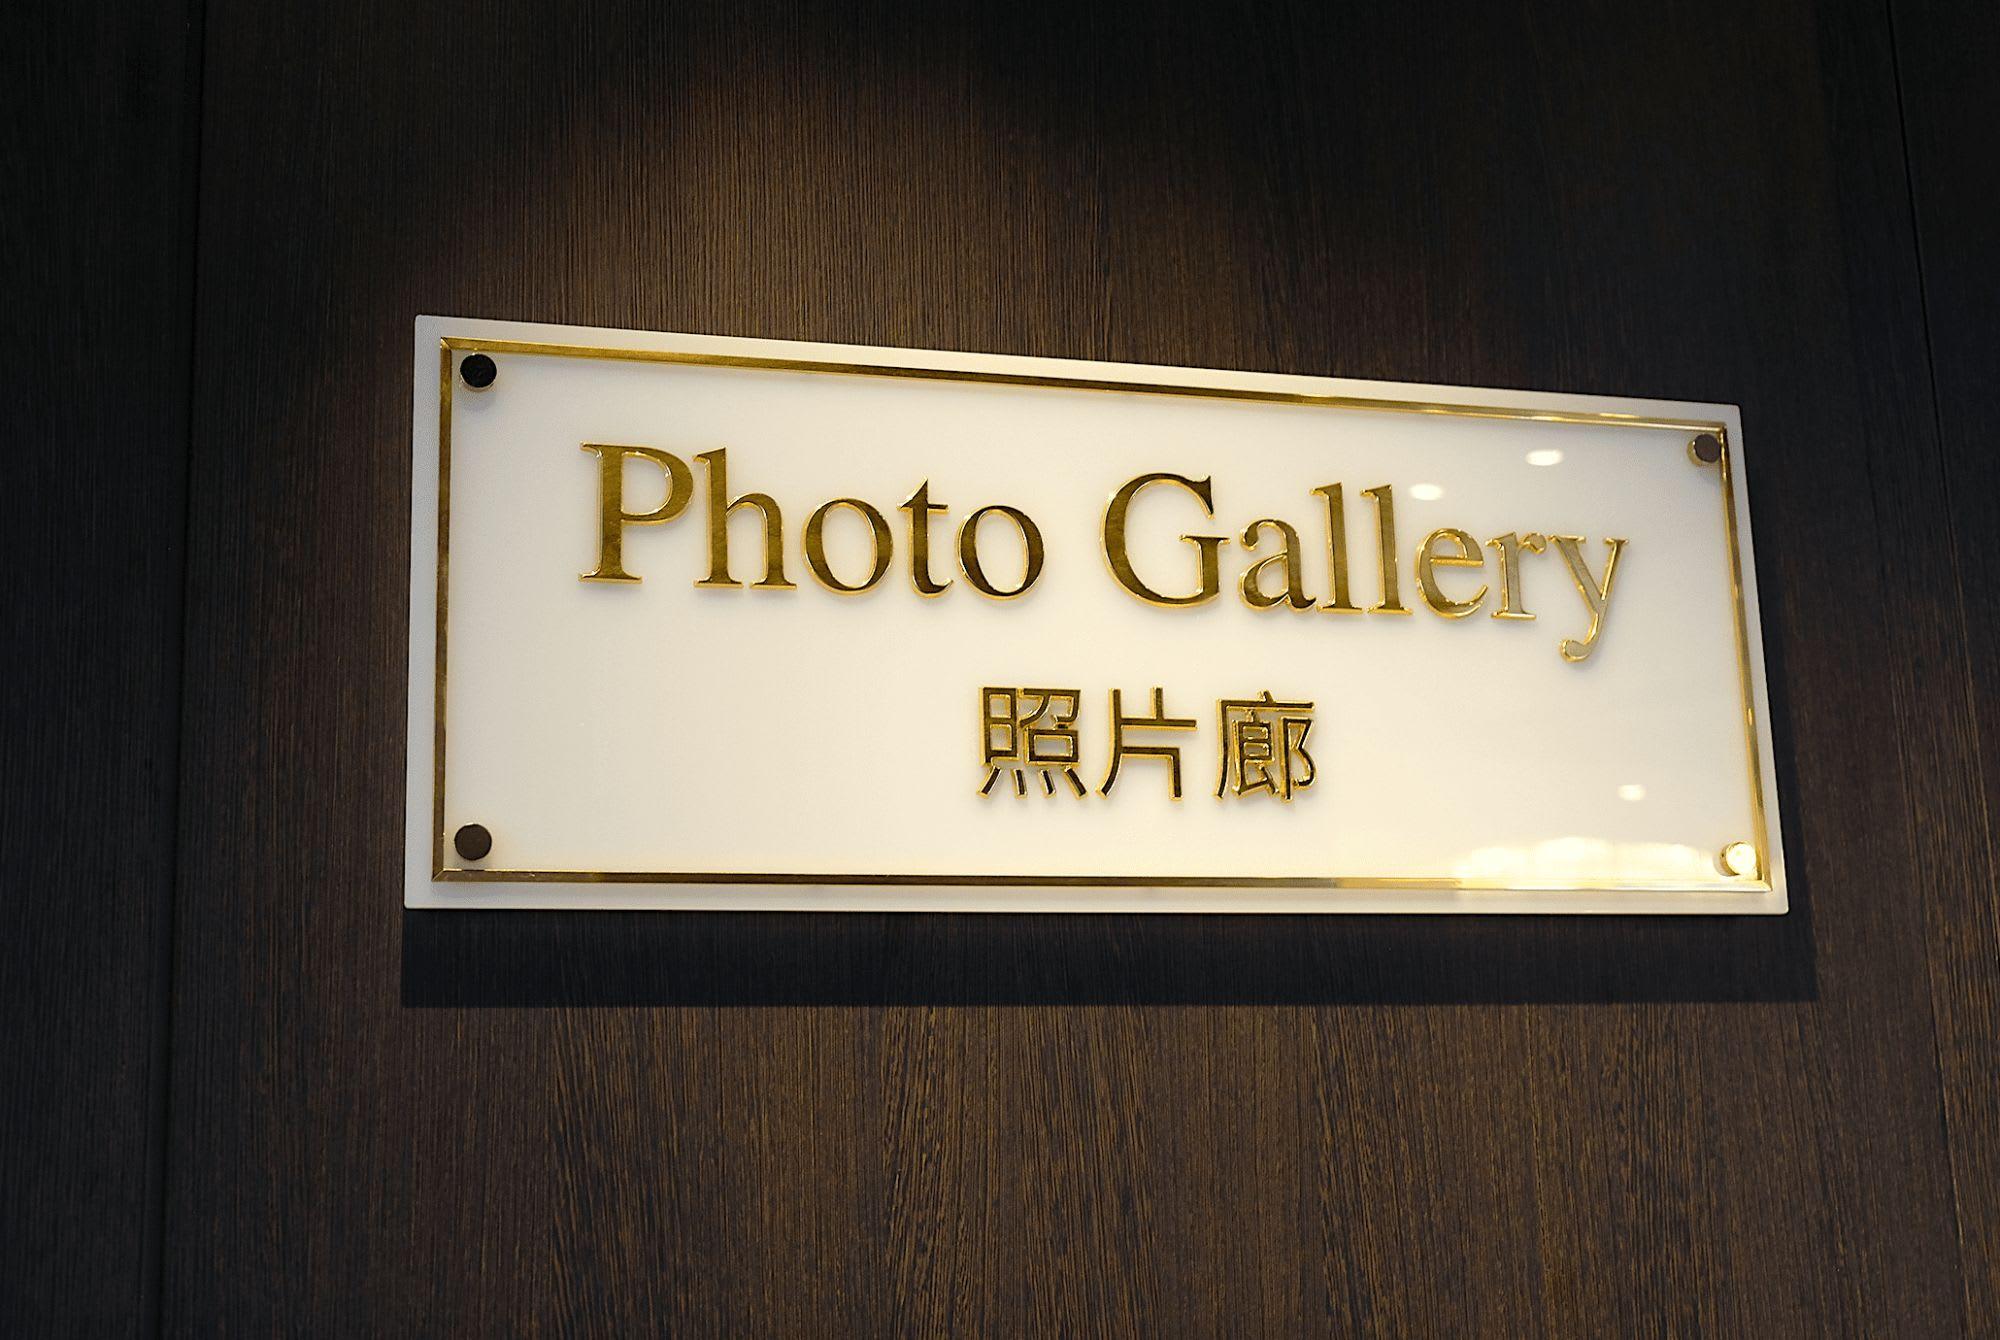 フォト・ギャラリーのサイン